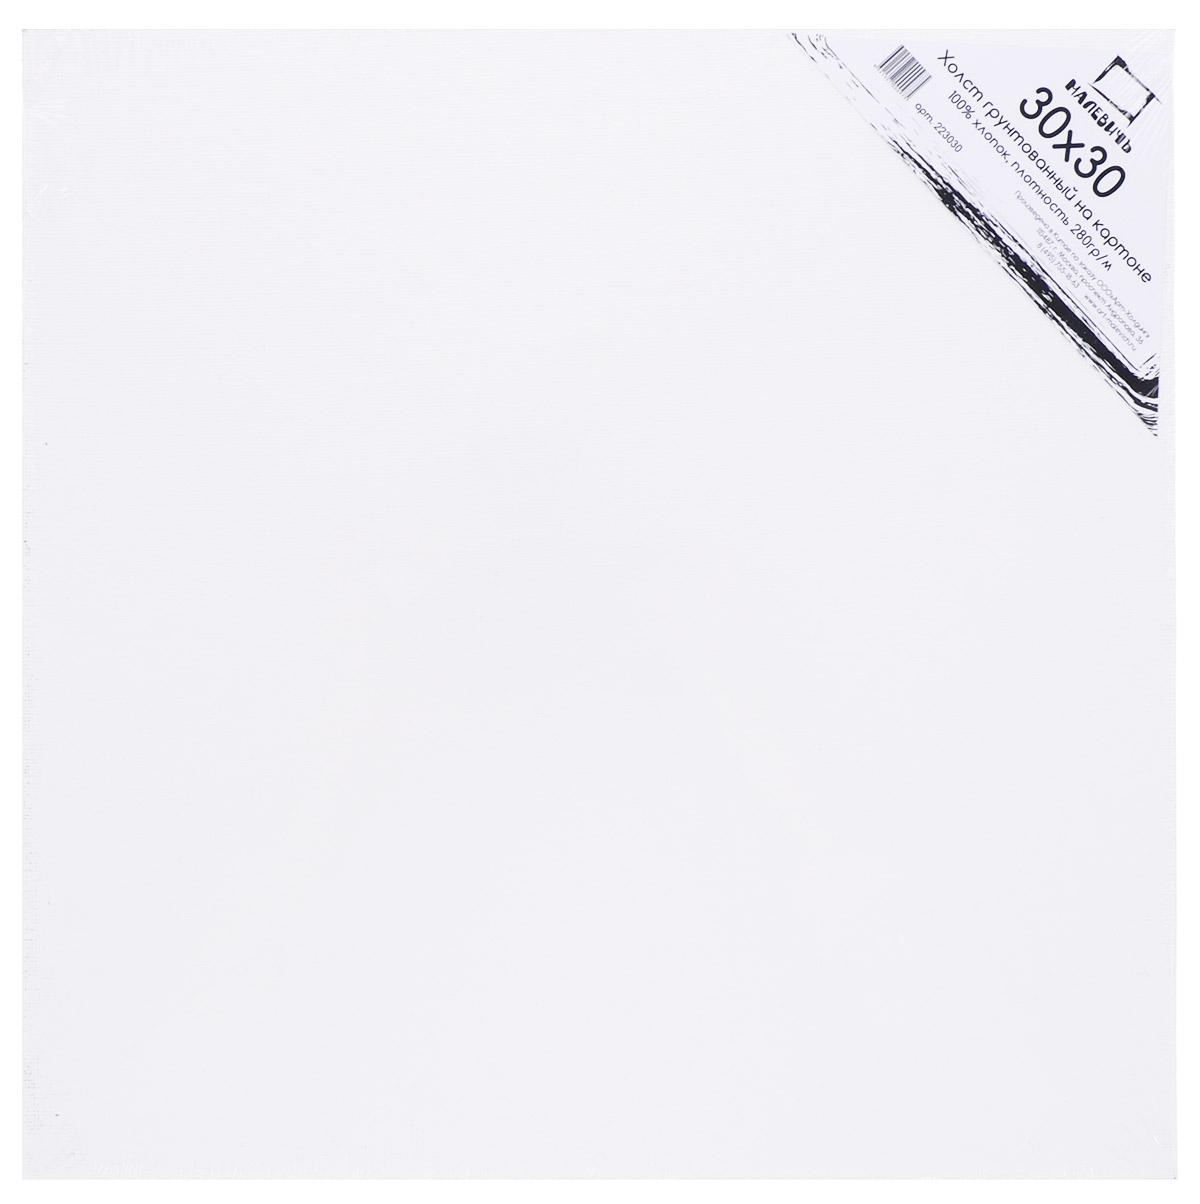 Малевичъ Холст на картоне 30 см x 30 см